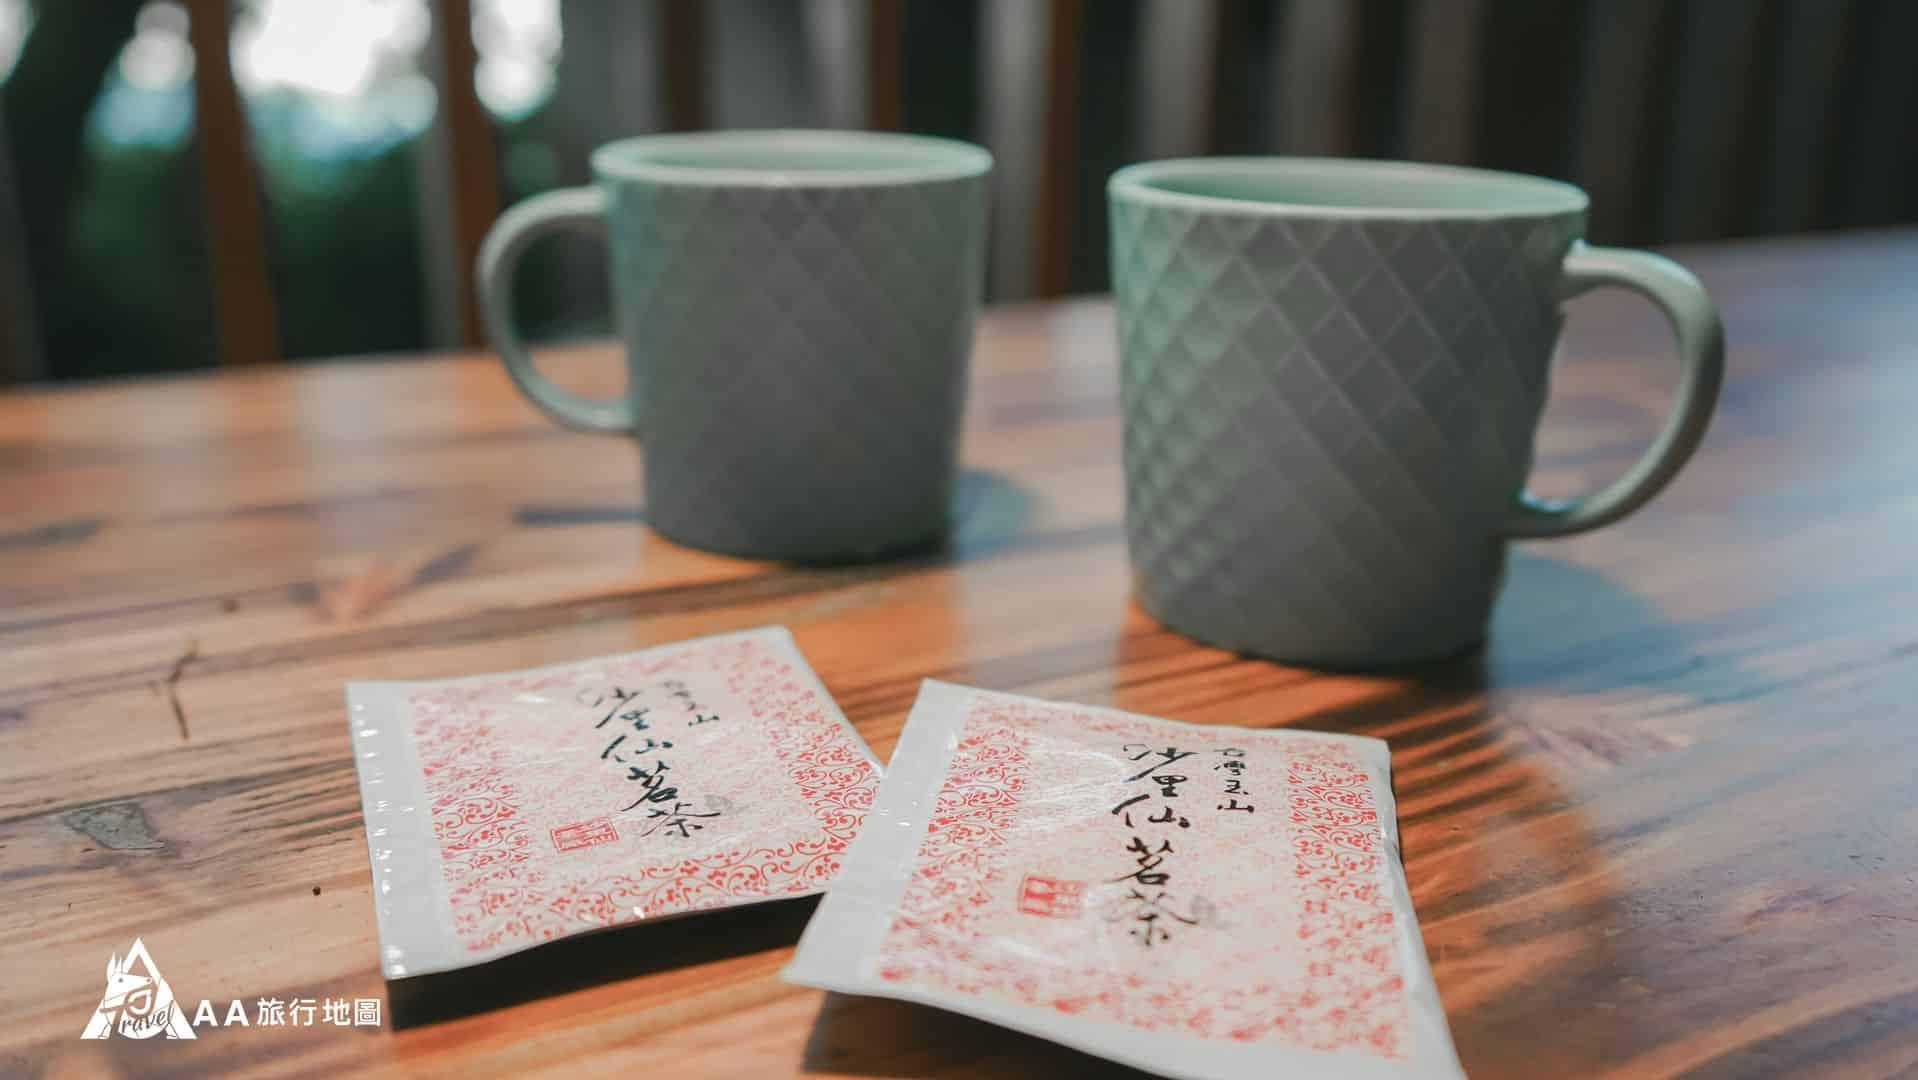 鳳凰亭序 沙里仙紅茶很好喝,味道很香